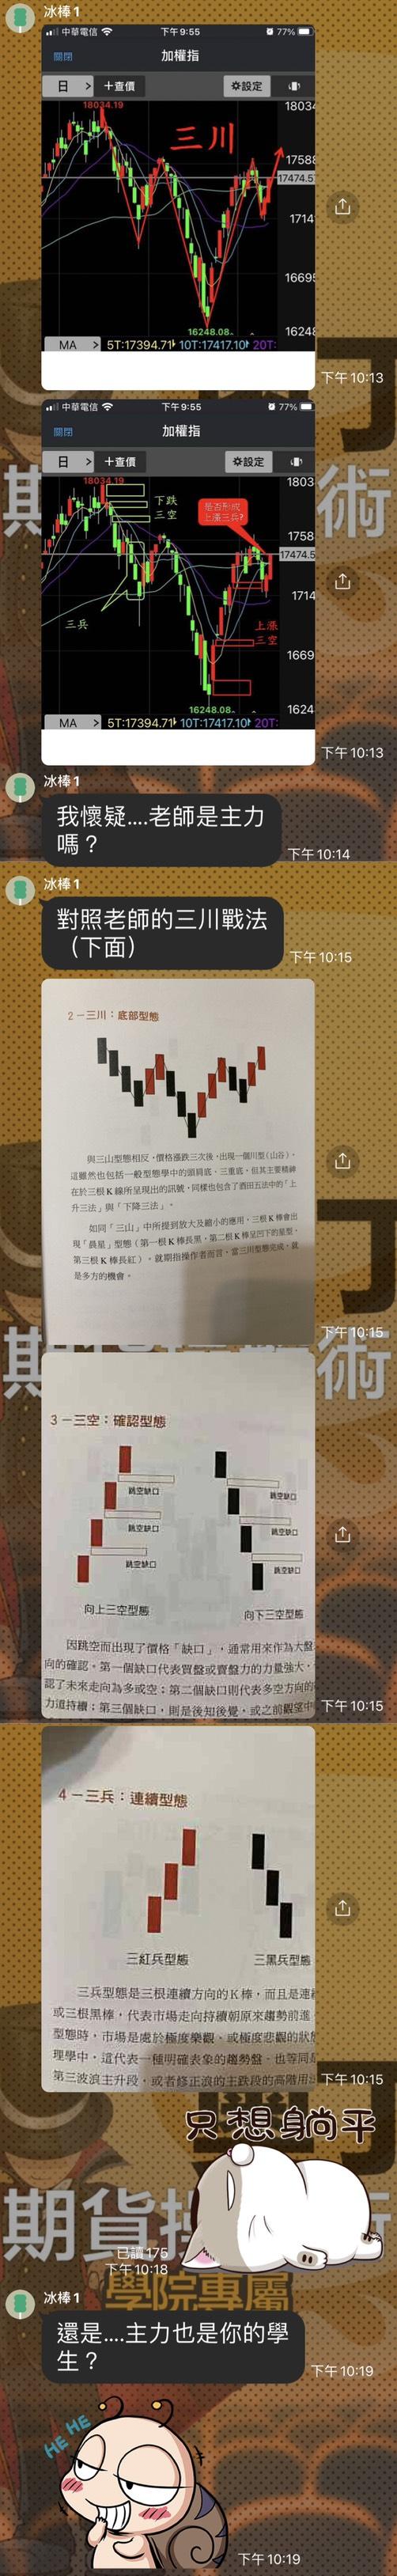 山川戰法全書~~~交易的本質!!!_06